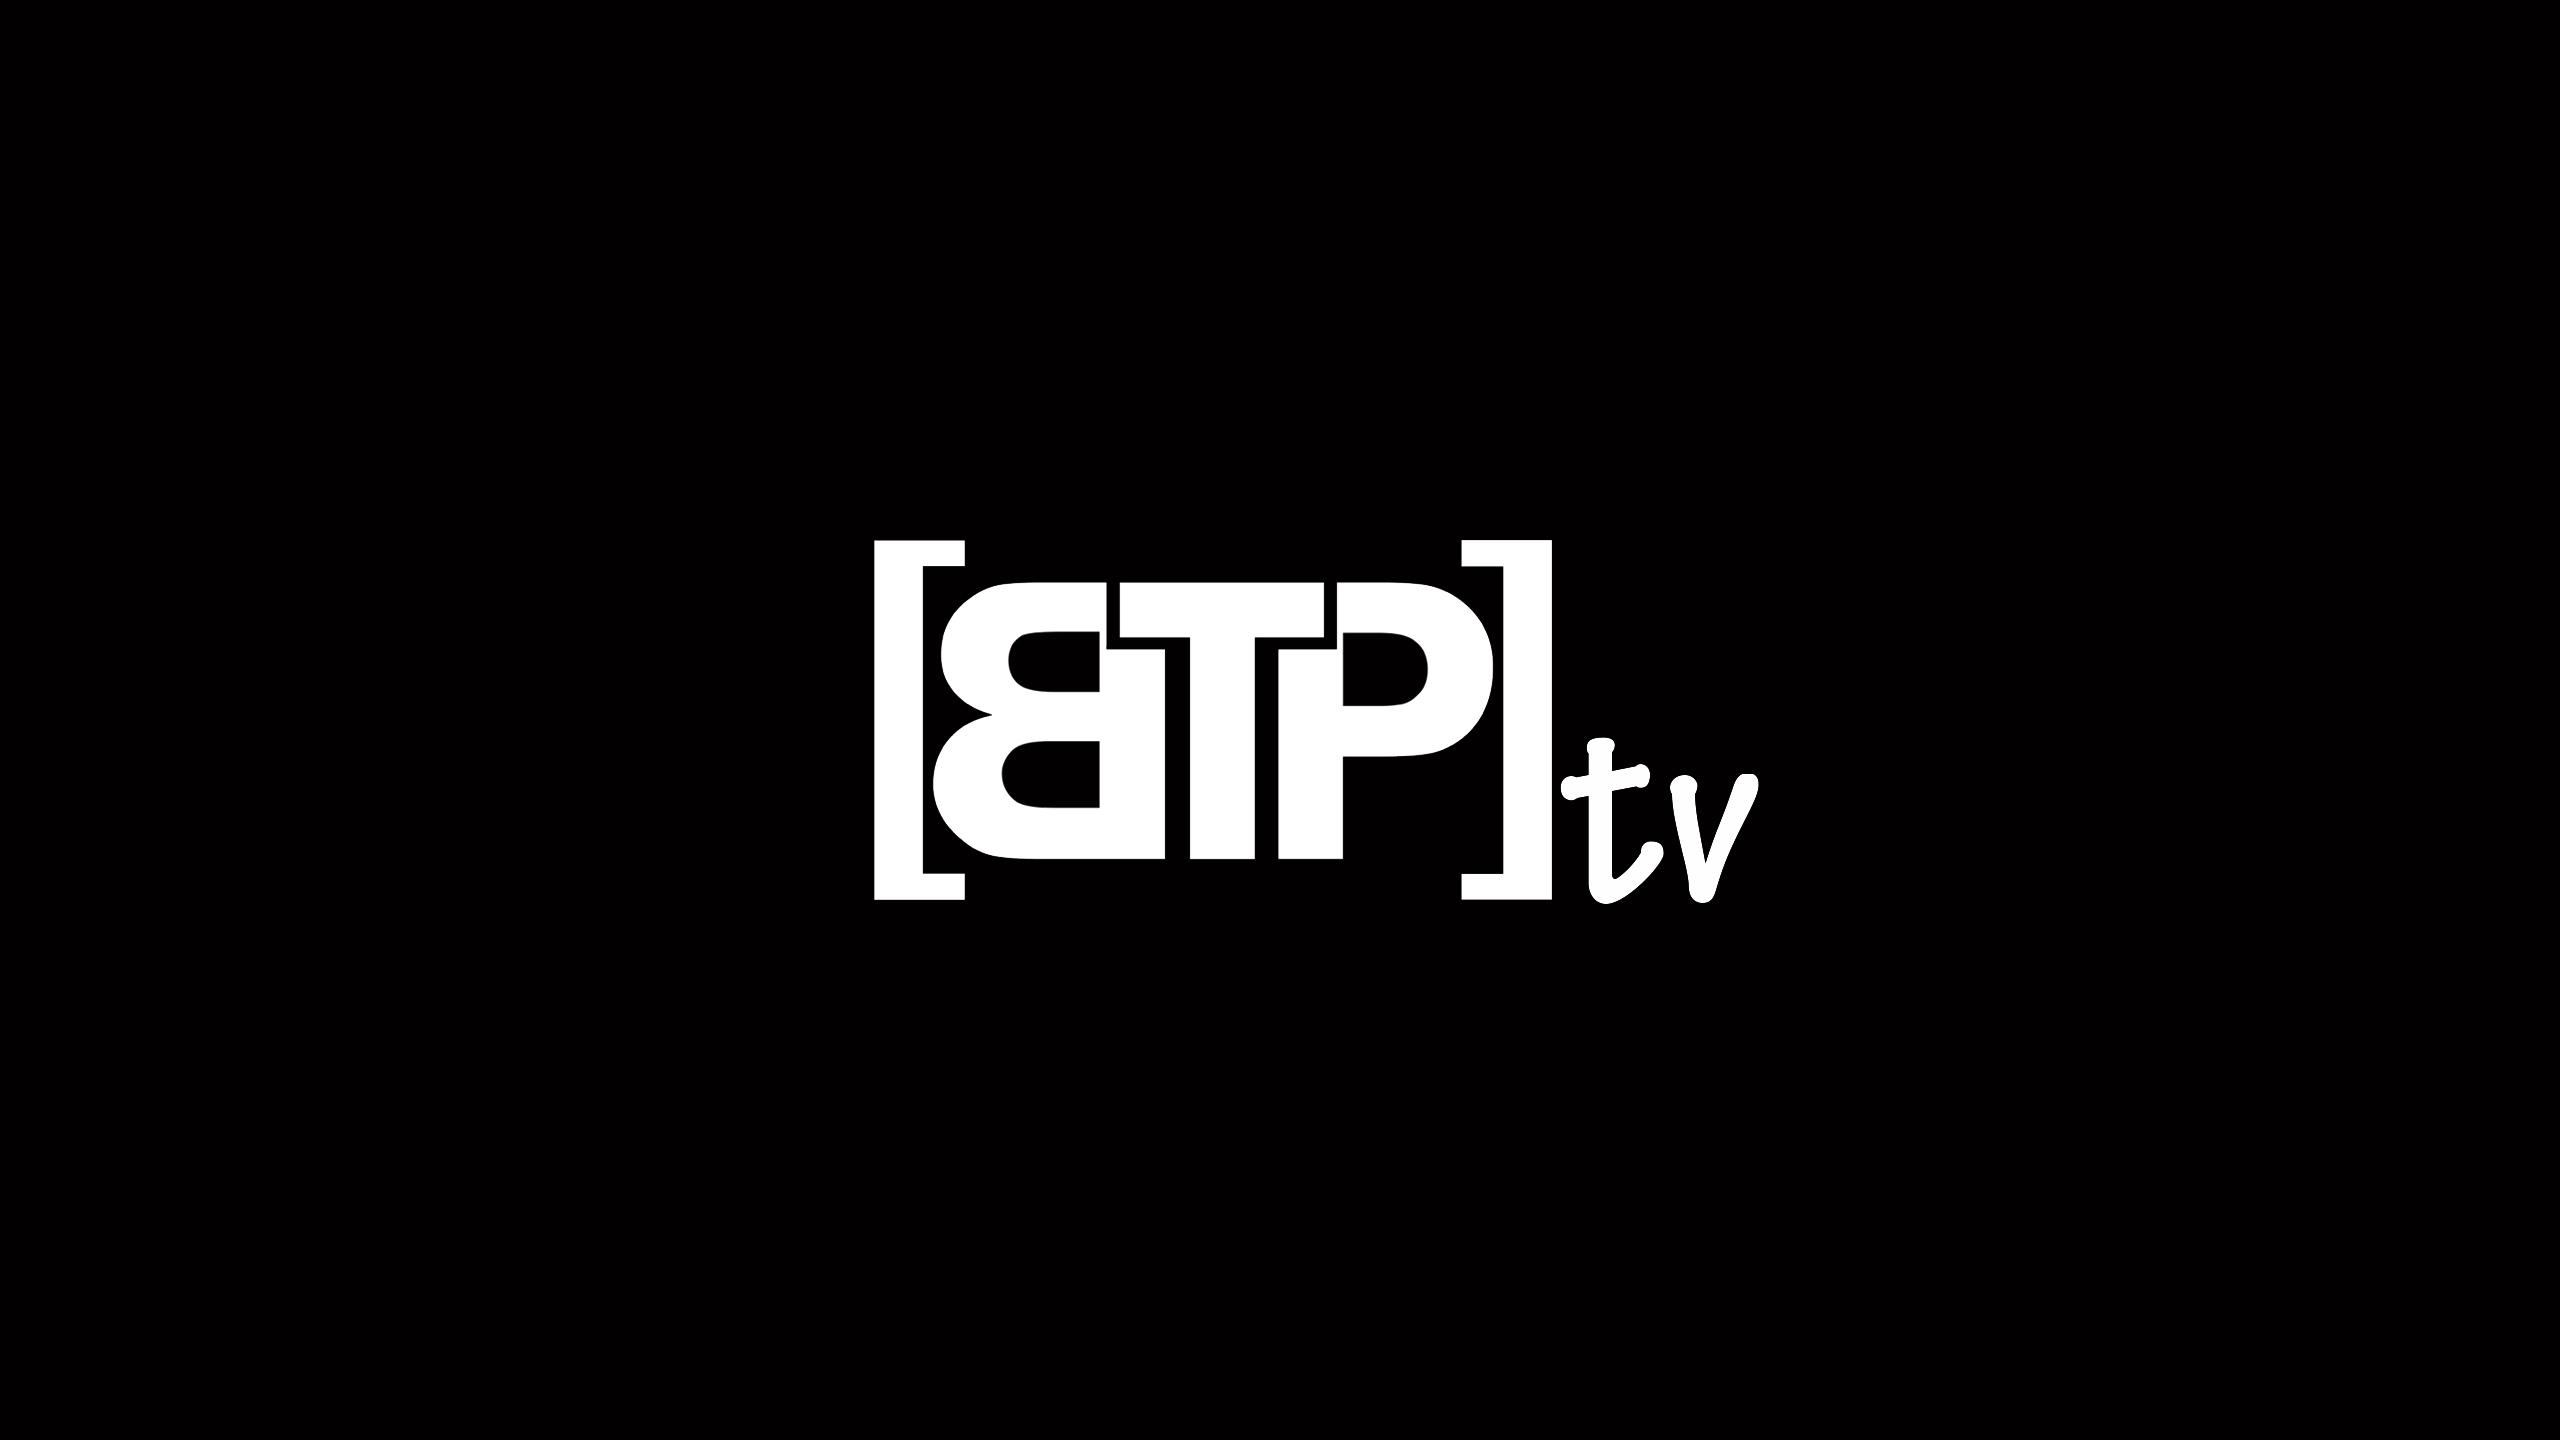 [BTP]tv